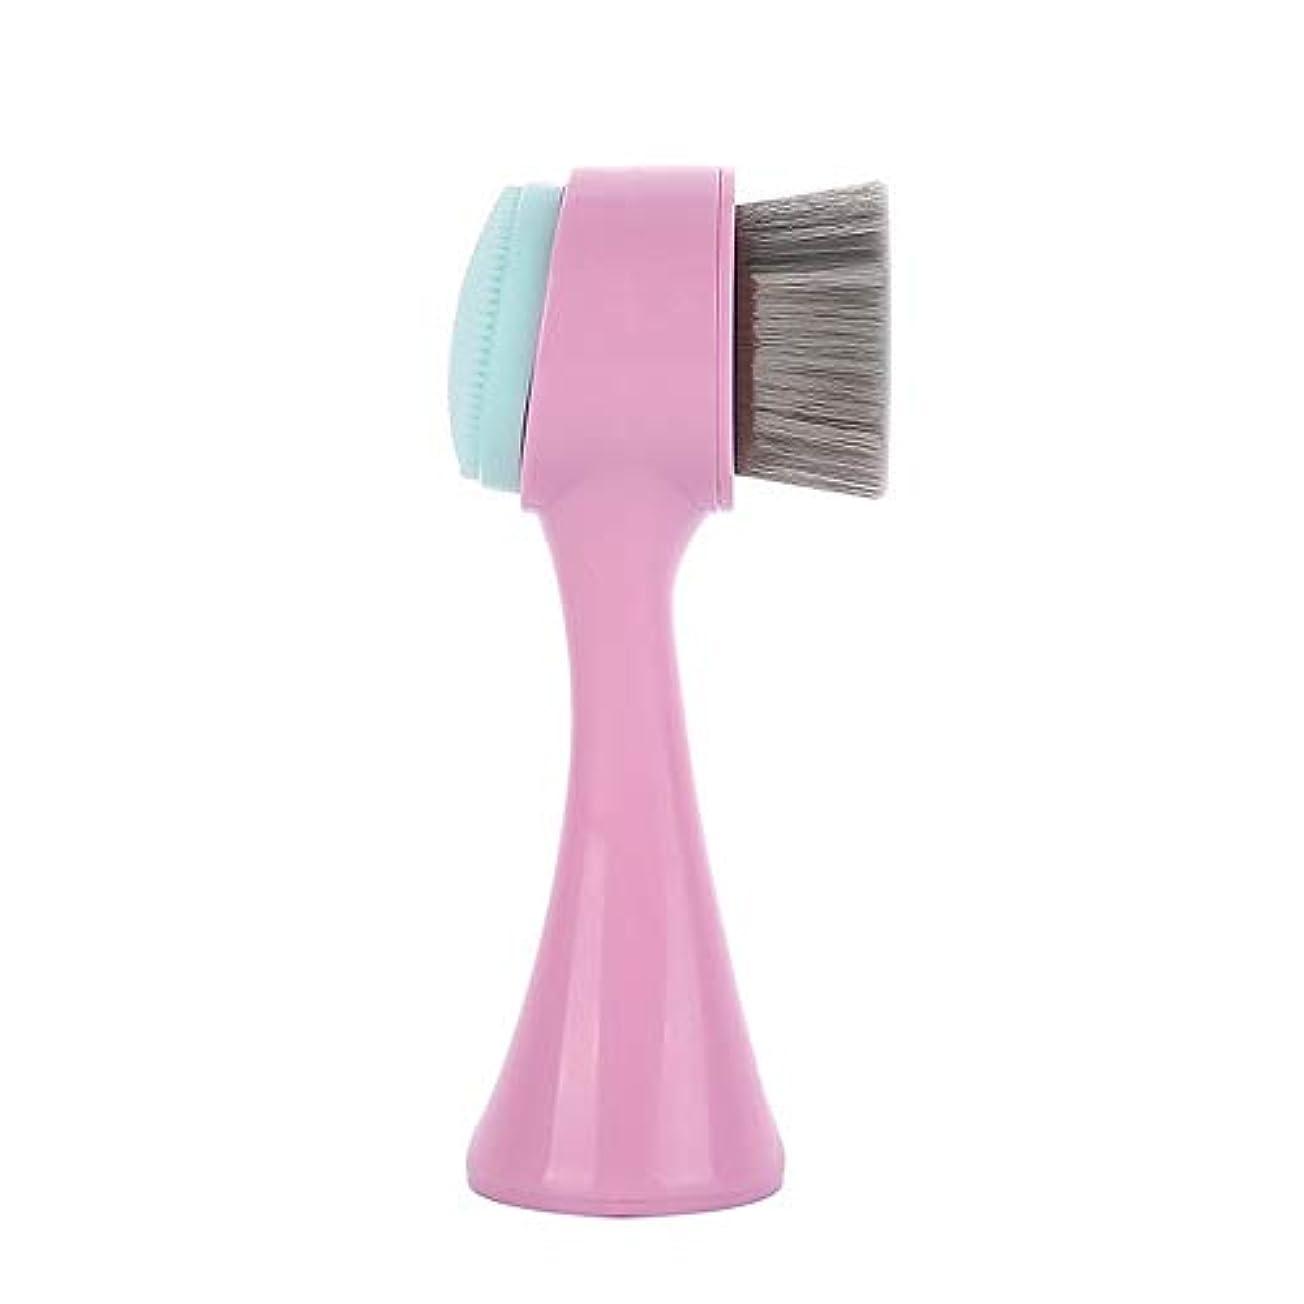 部対処する弁護LYX 新しい立ちマニュアルクレンジング器、竹炭クリーニングブラシ、ブラックヘッドクレンジングブラシ、クレンジングブラシ洗浄ツール (Color : ピンク)